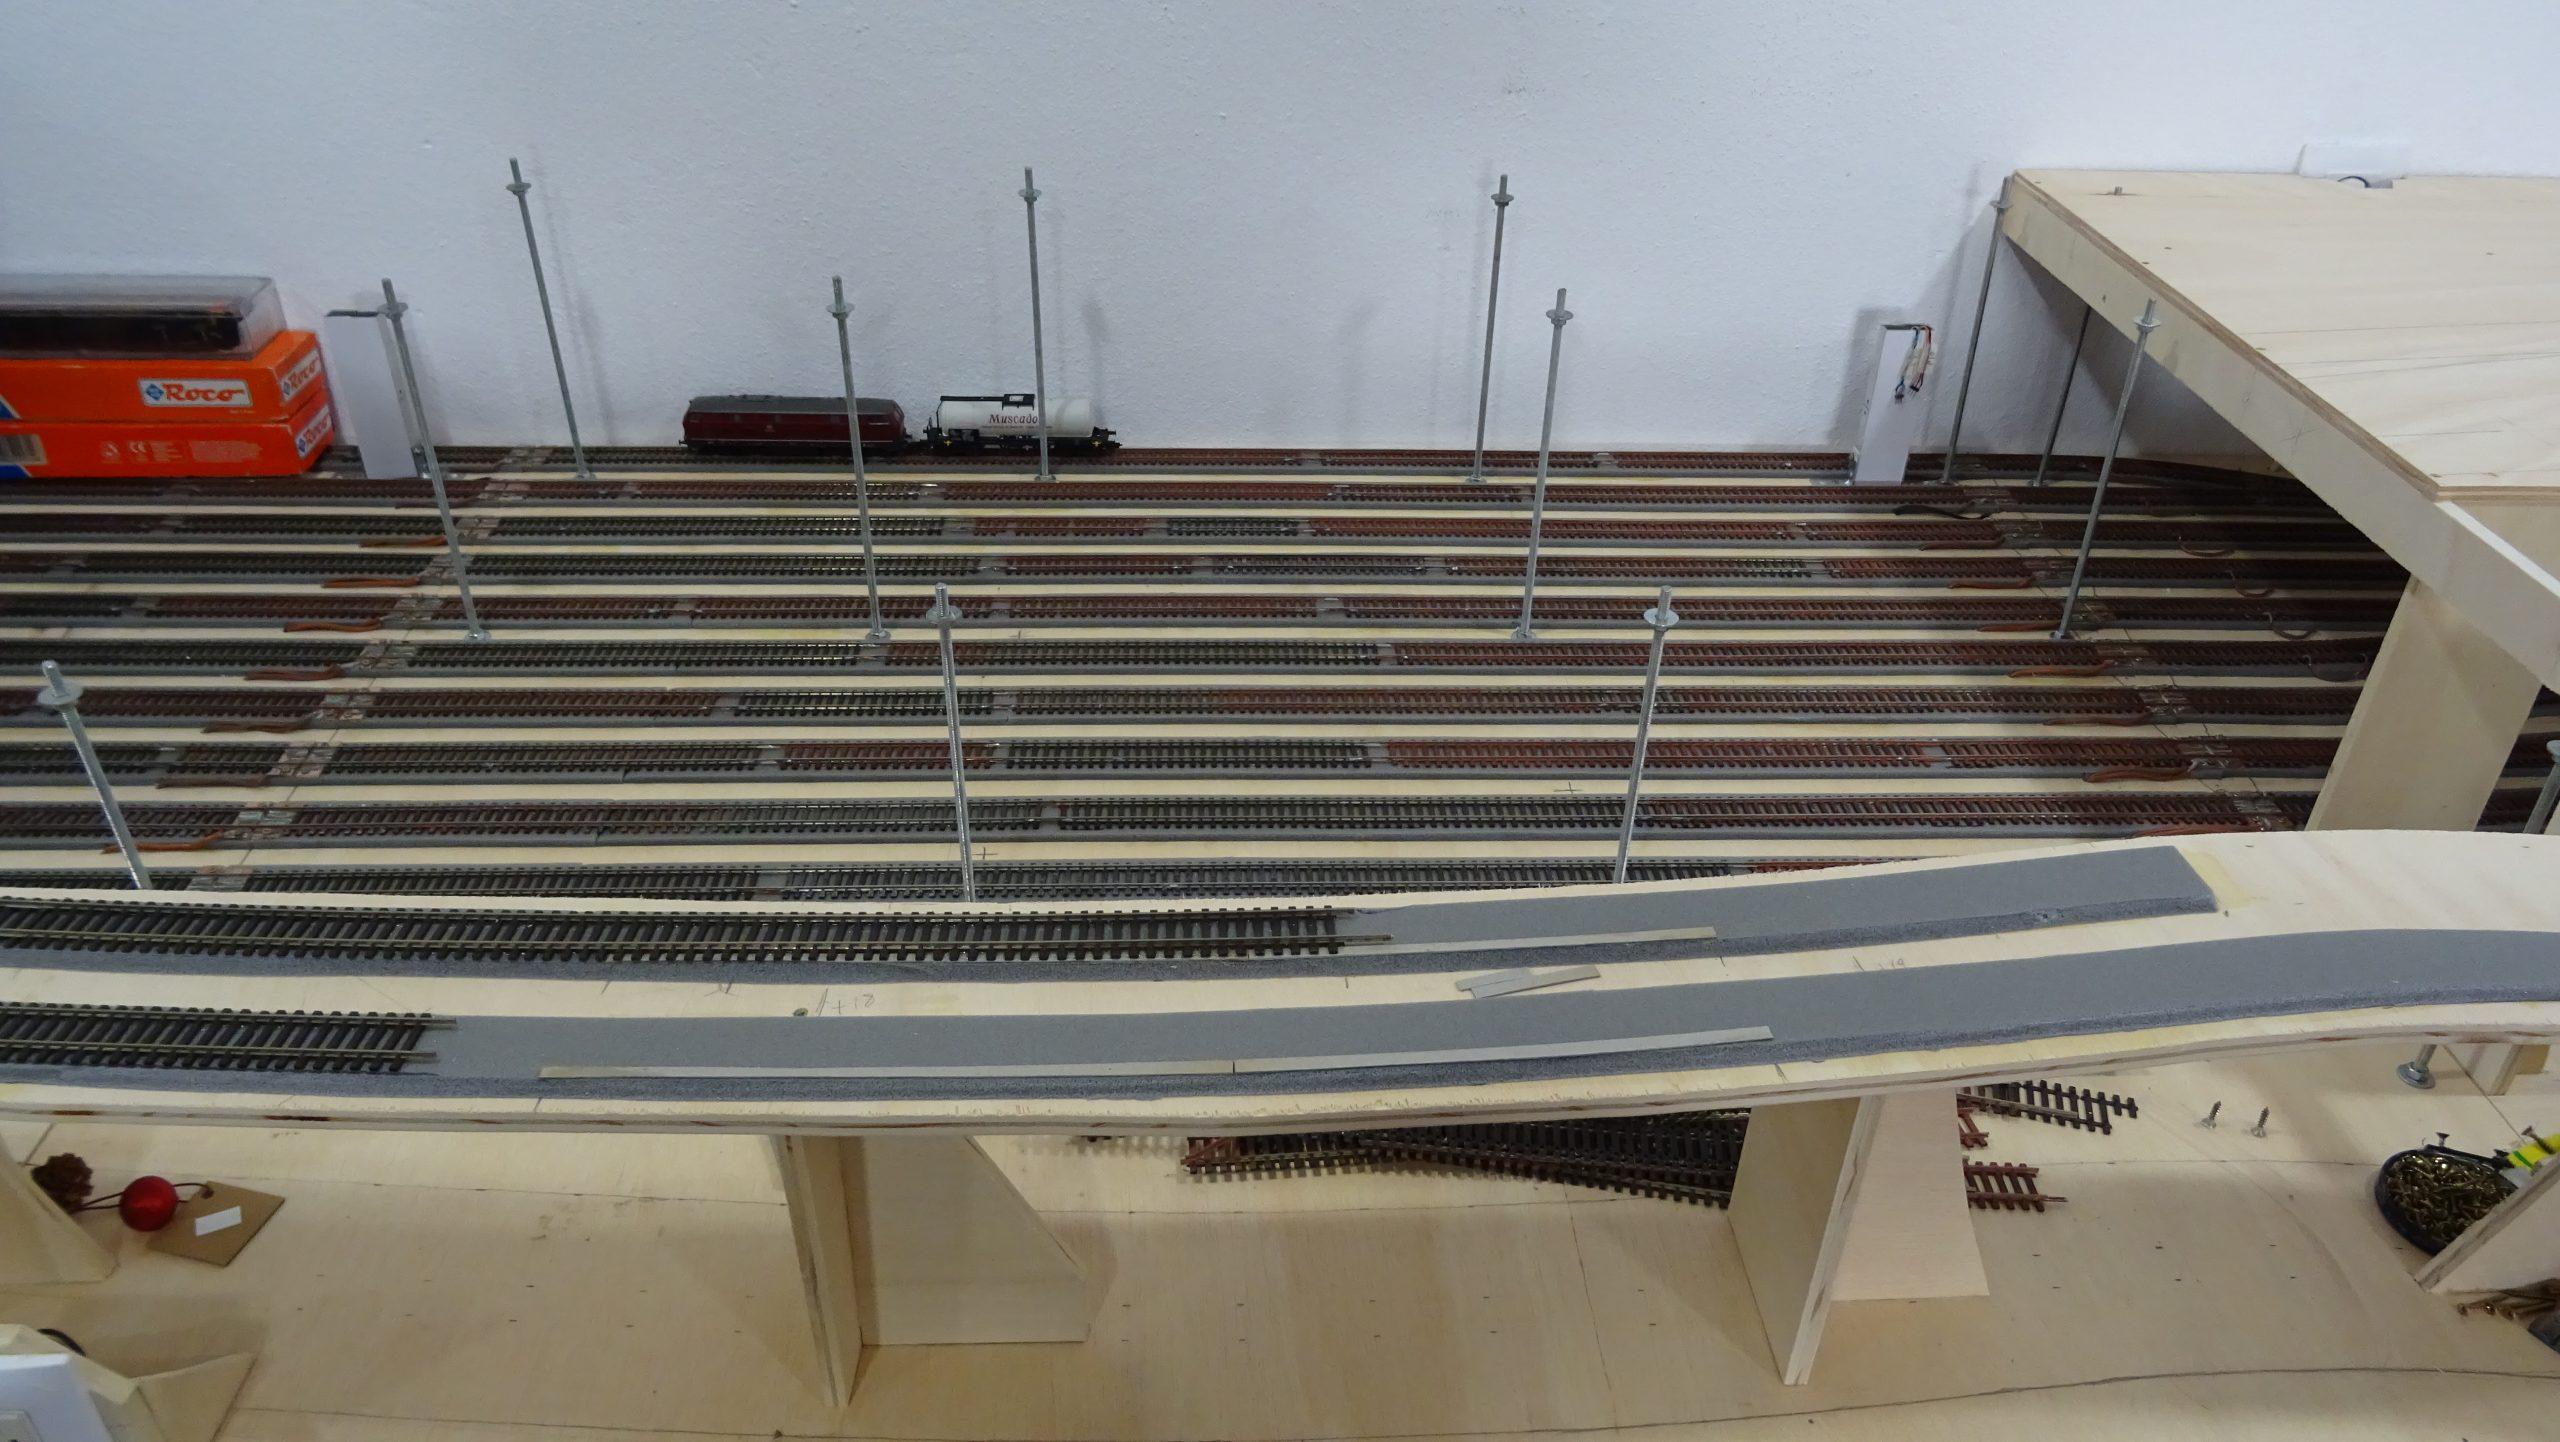 Estructura de la parte superior del modulo 1 de la maqueta de trenes